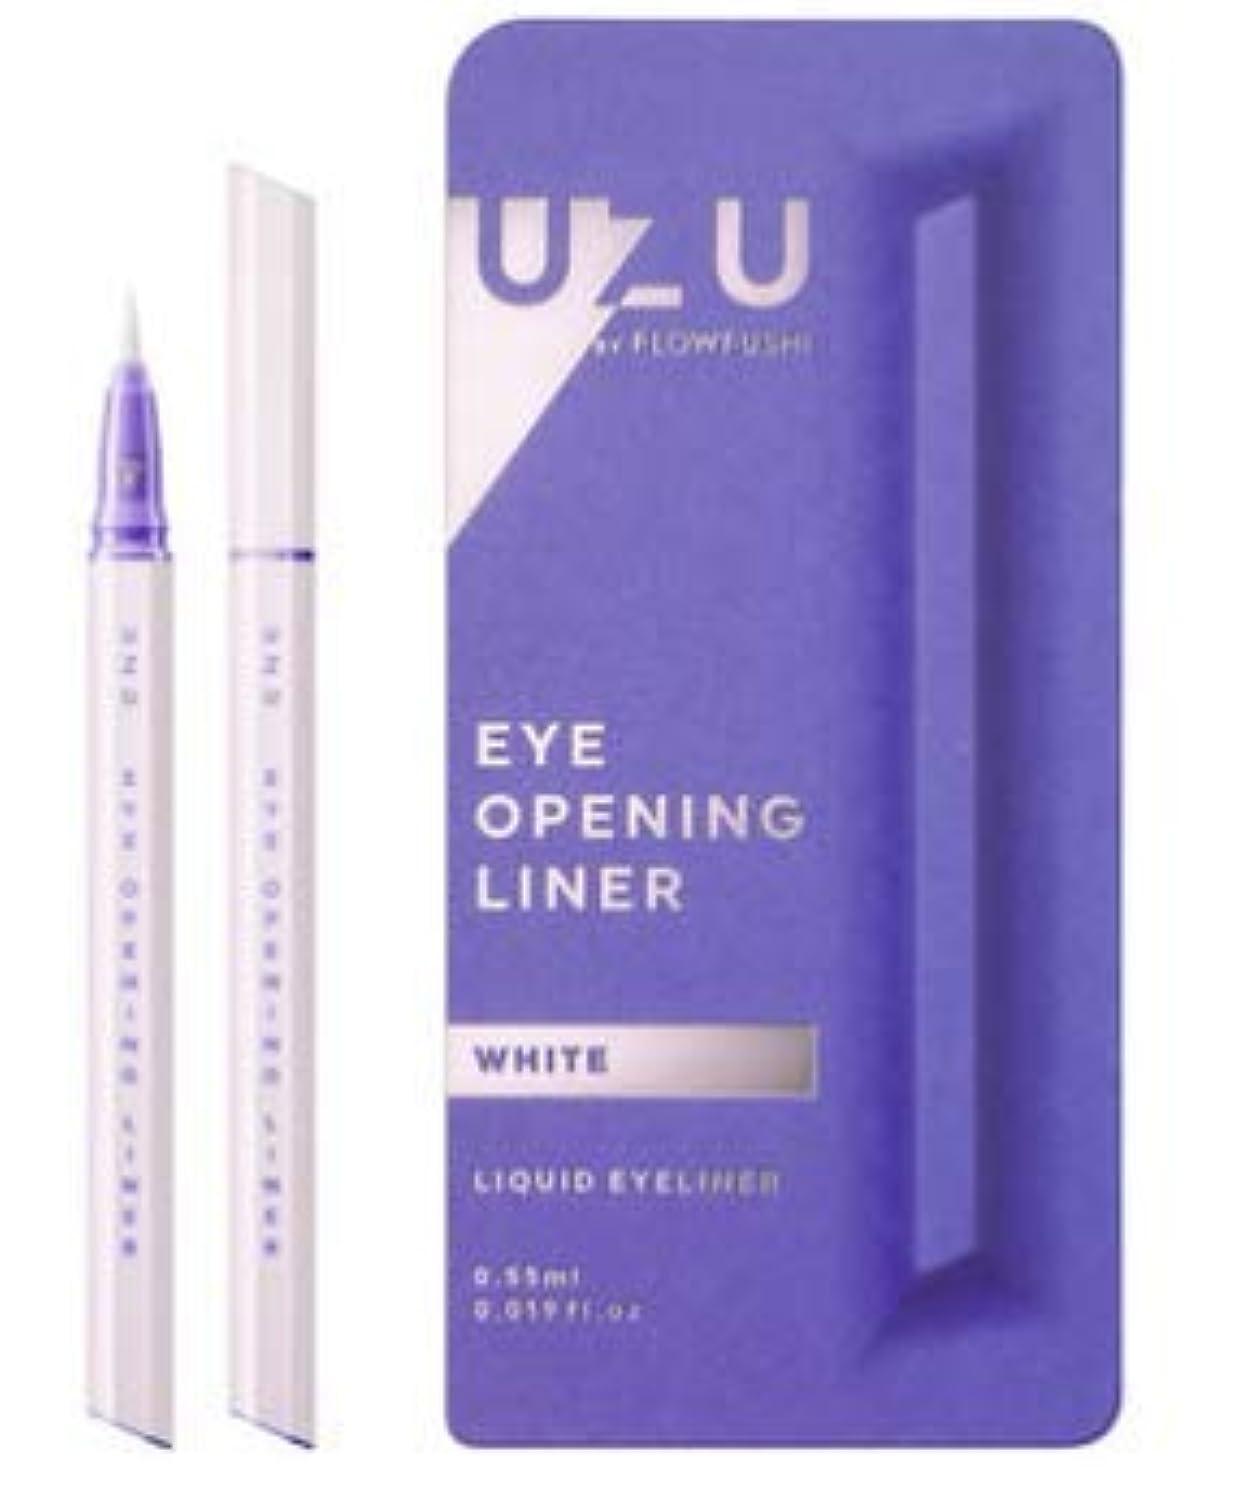 スライム許容できる無許可UZU(ウズ)アイオープニングライナー (White)